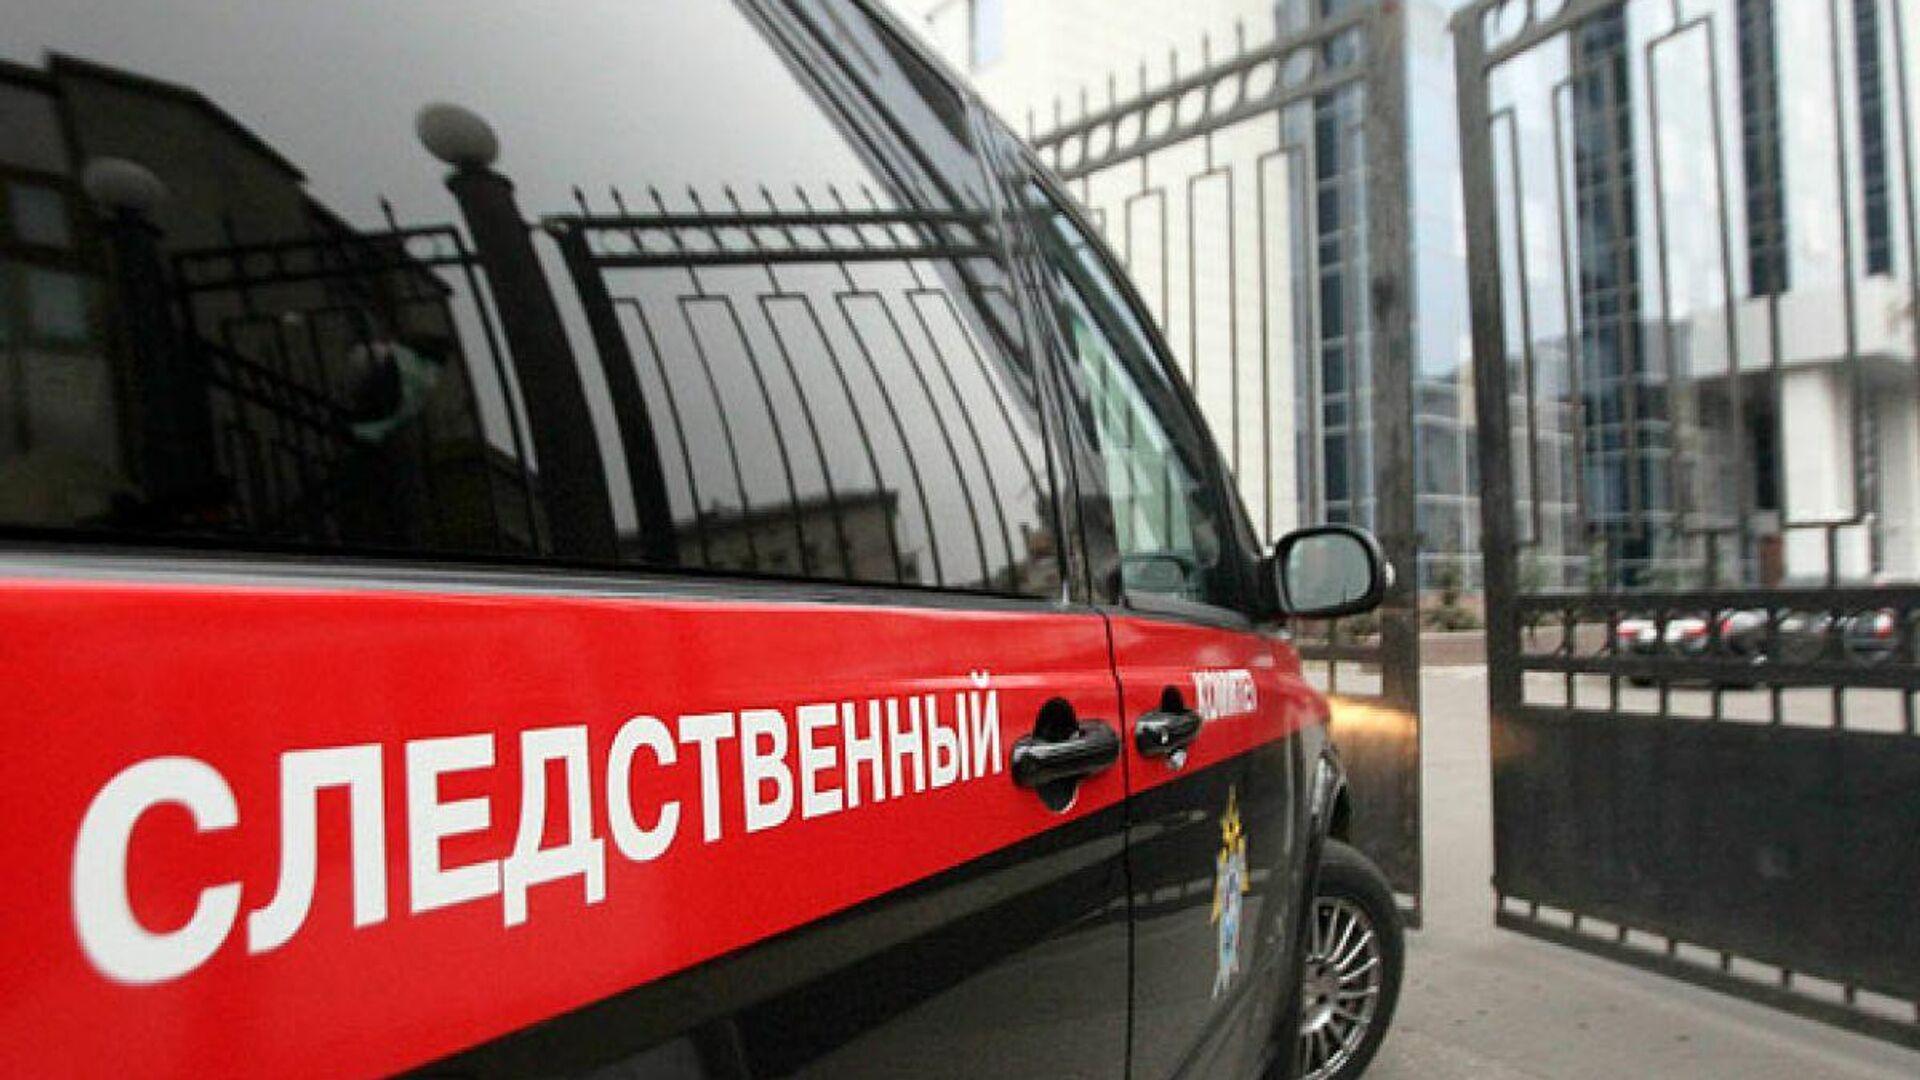 В Свердловской области нашли мертвым журналиста Ura.ru